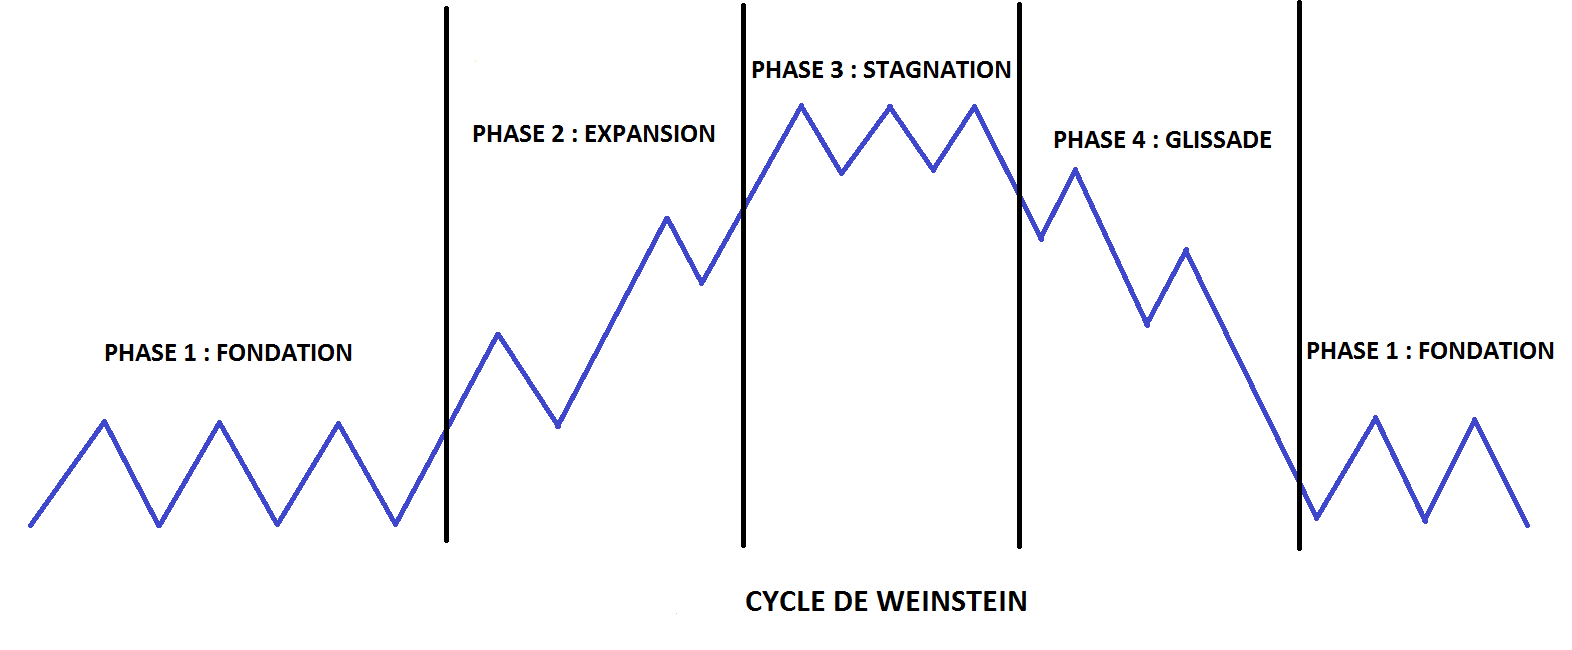 Découvrez les 4 phases dy cycle de Weinstein